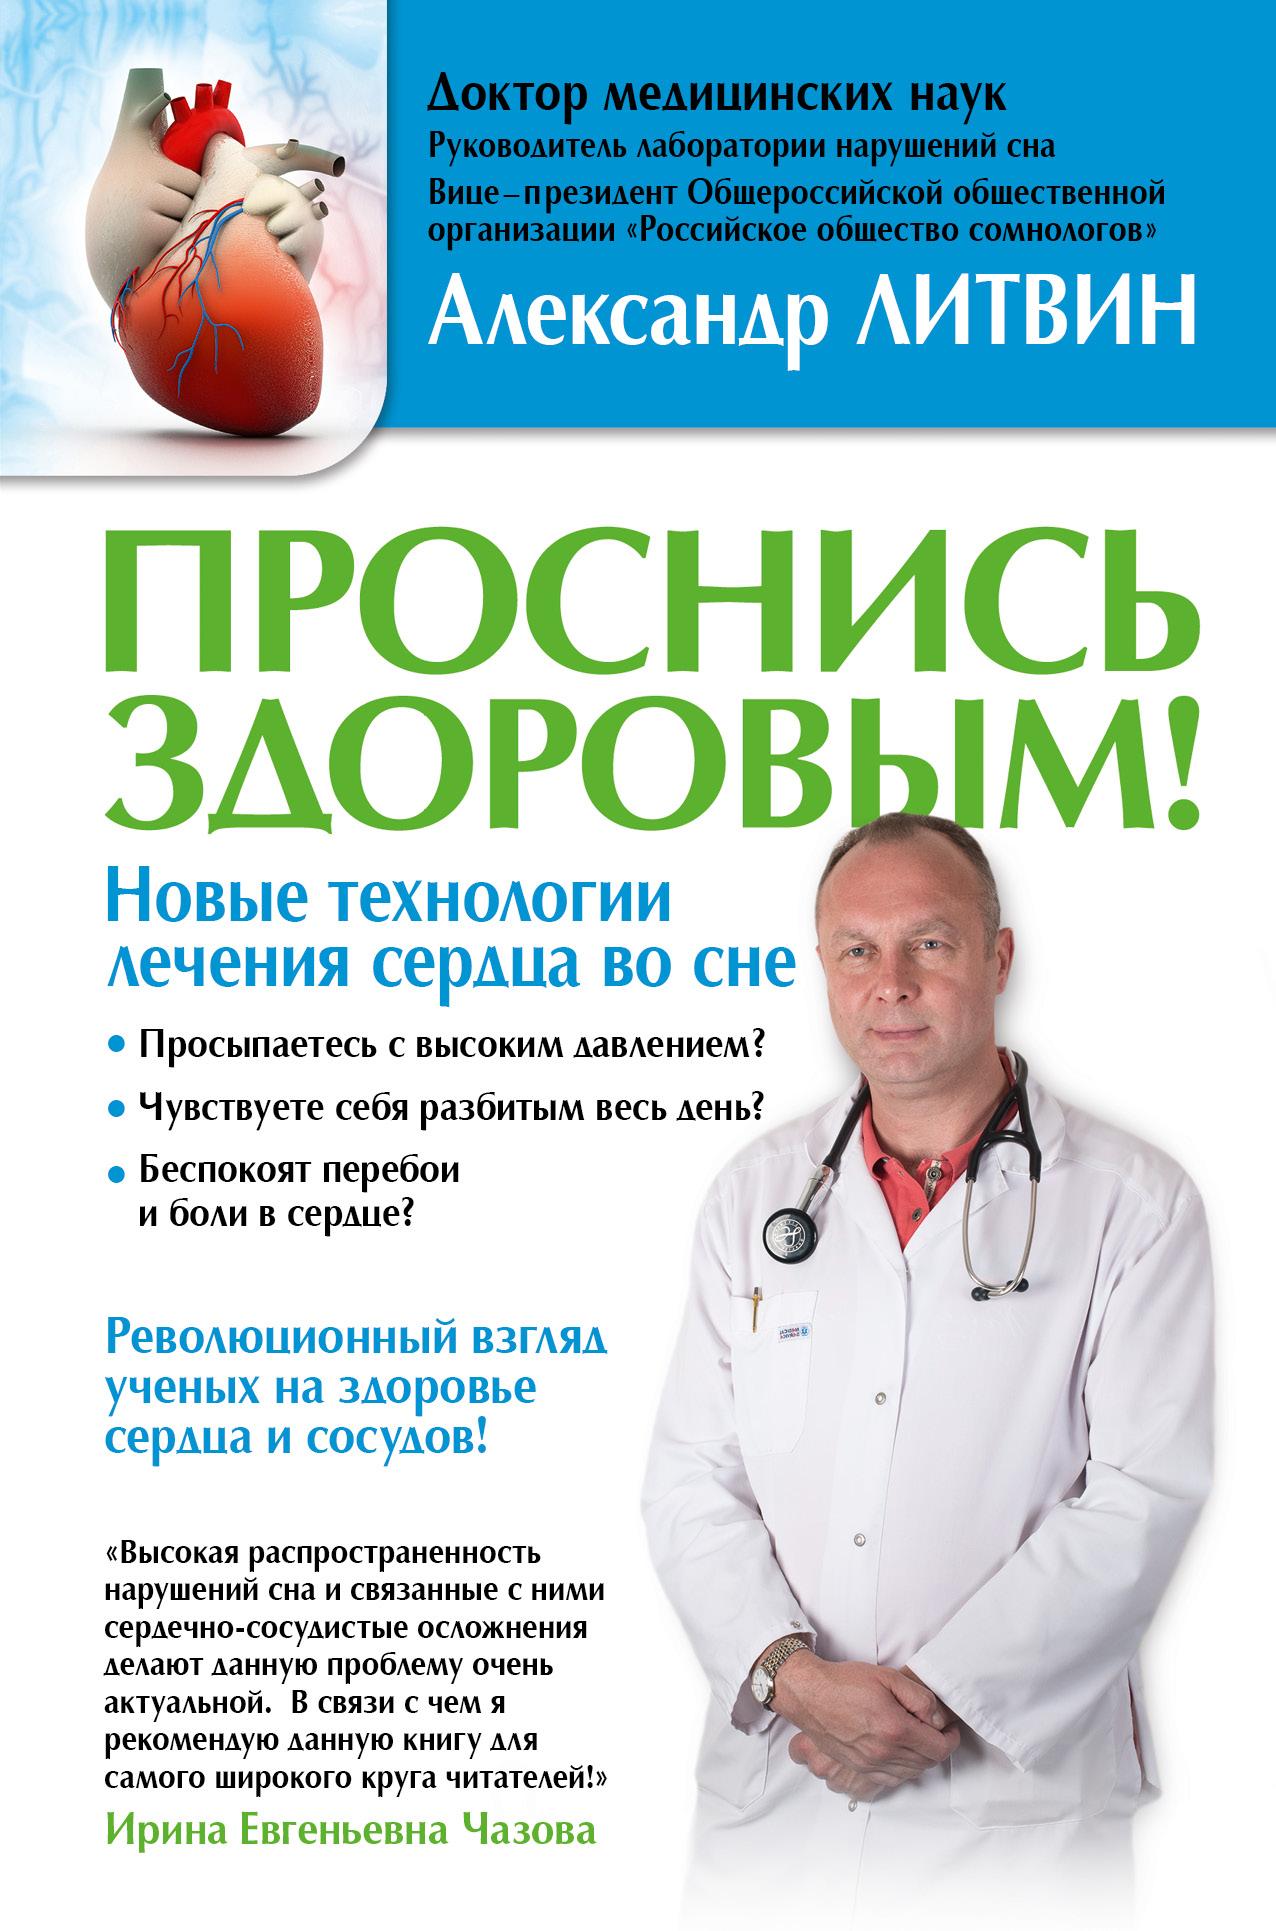 Литвин А.Ю. Проснись здоровым! Новые технологии лечения сердца во сне